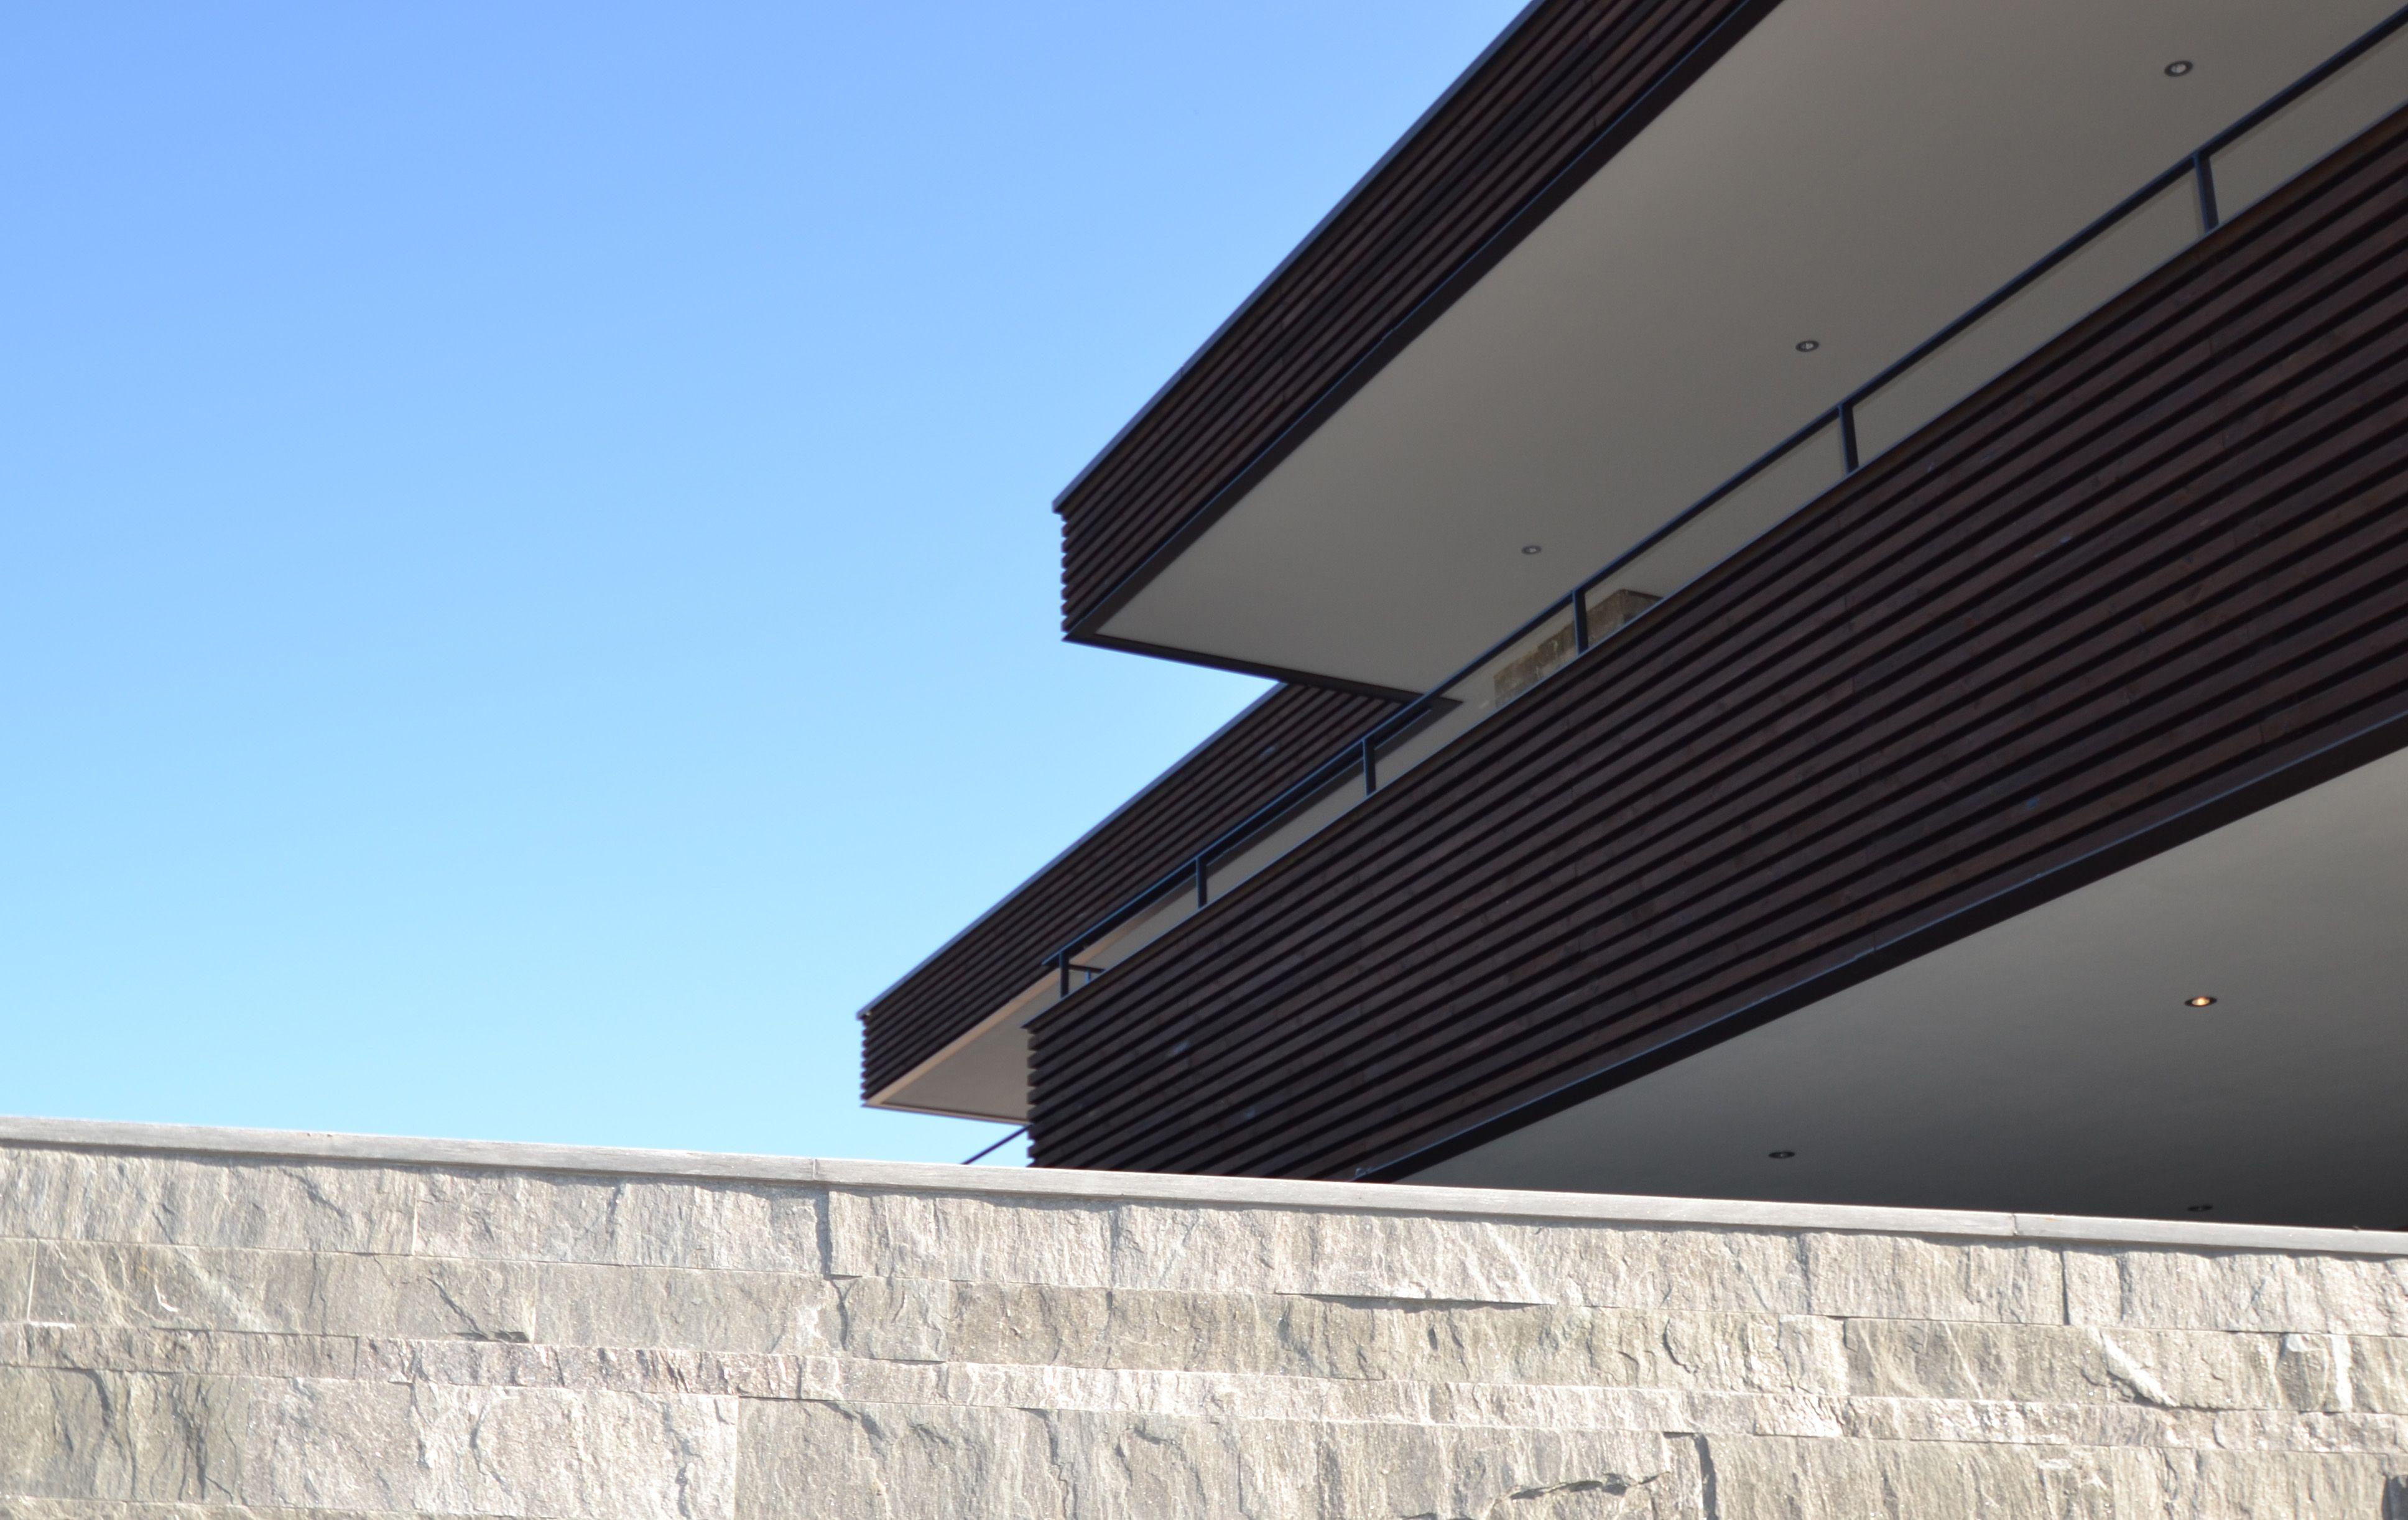 MO Architektur – Ihr Ansprechpartner für hochwertige Bauten